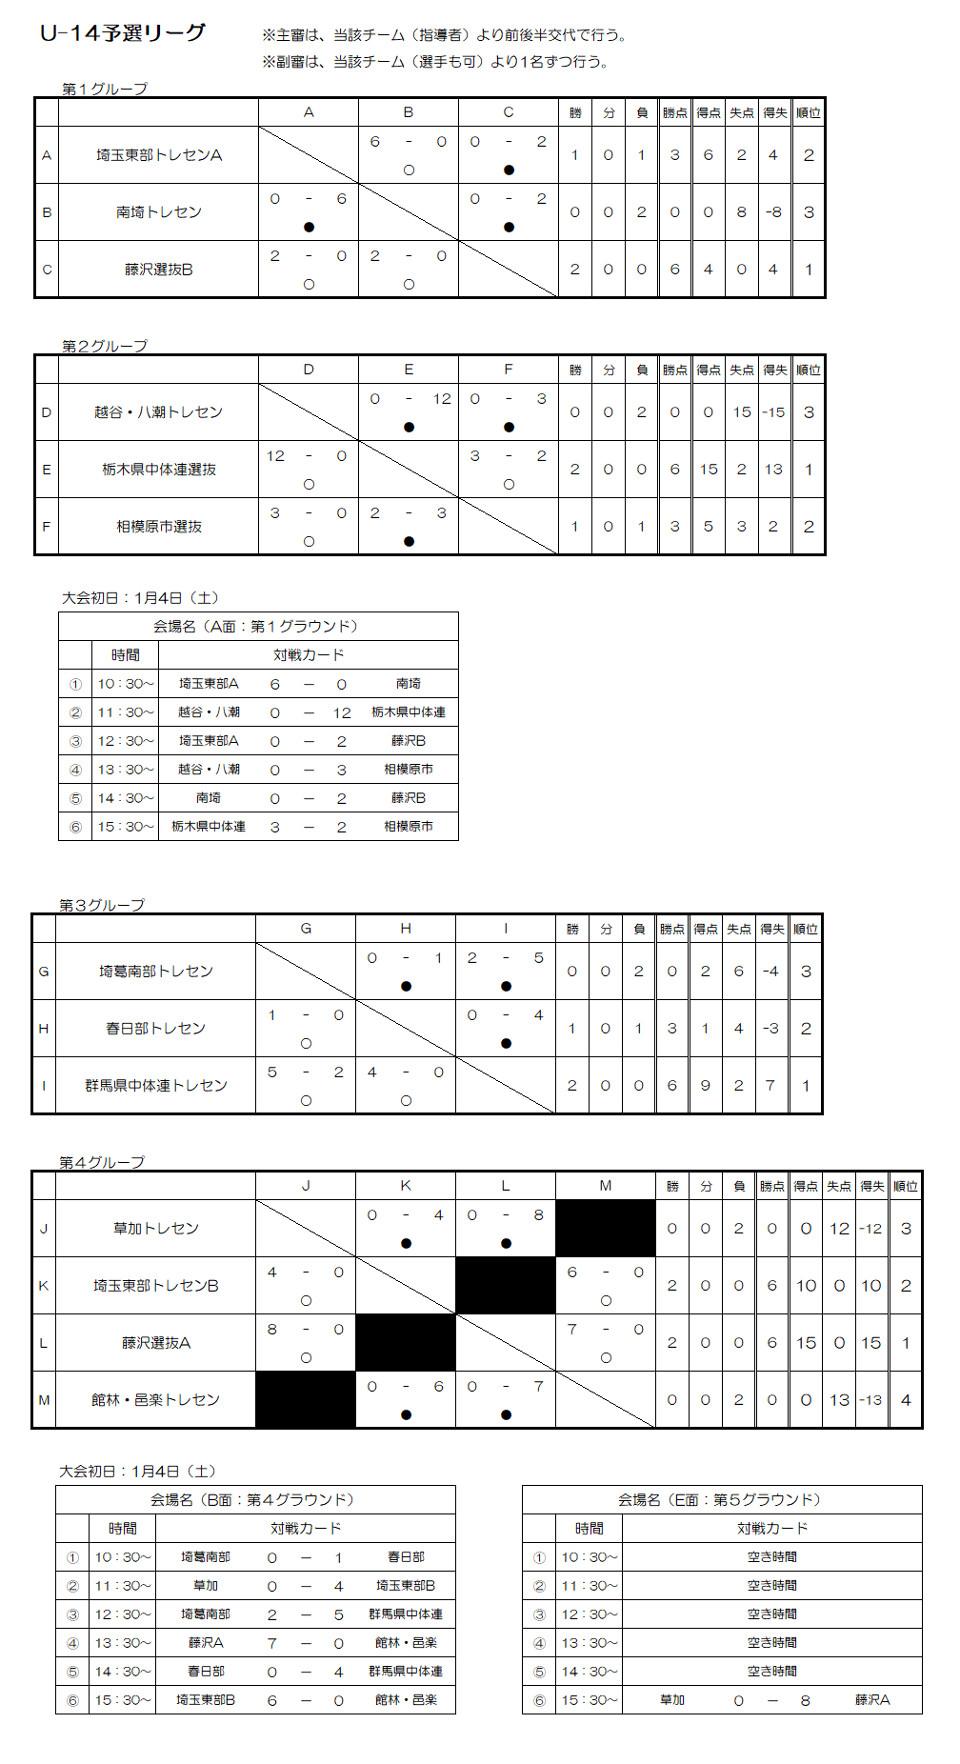 第20回FinTA CUP~選抜サッカー大会~ U-14 トーナメント表